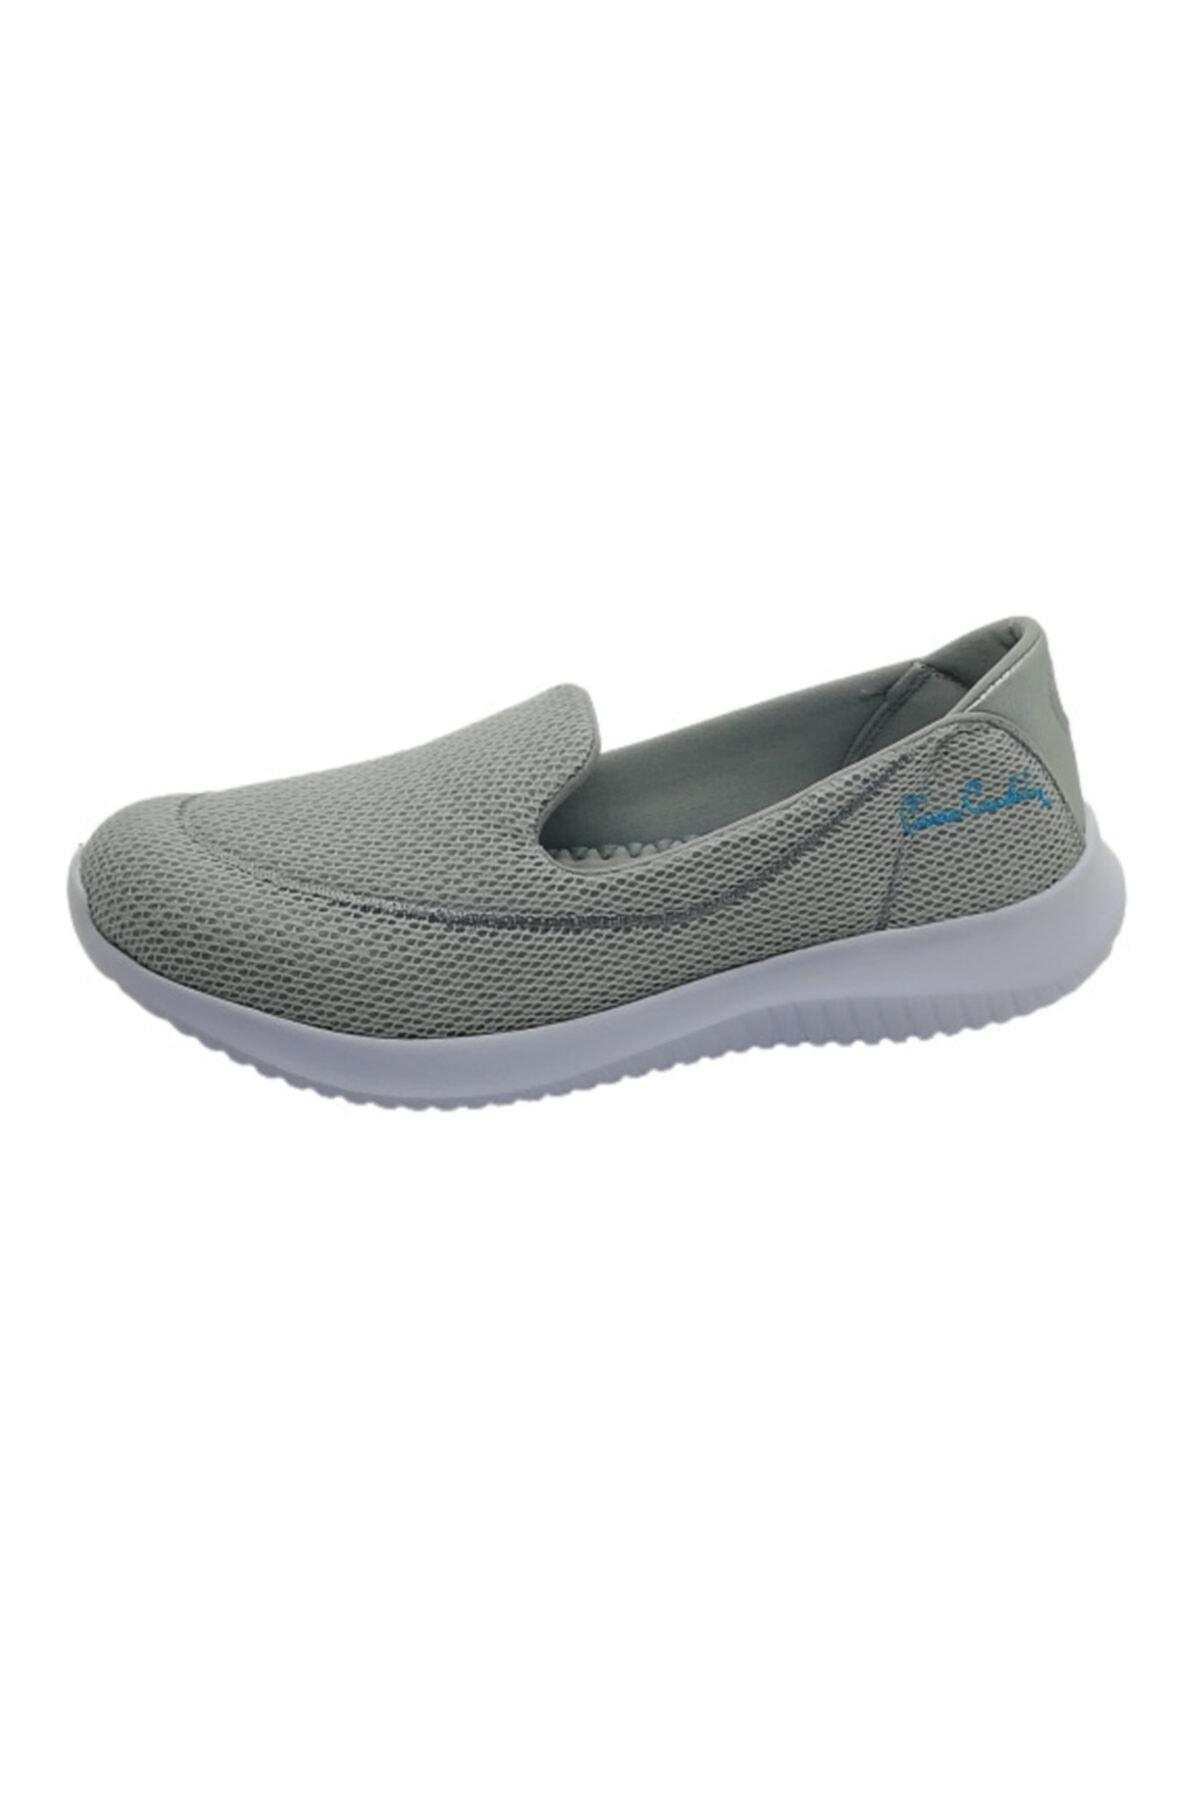 Pierre Cardin Kadın Gri Günlük Ayakkabı Pc-30168 1